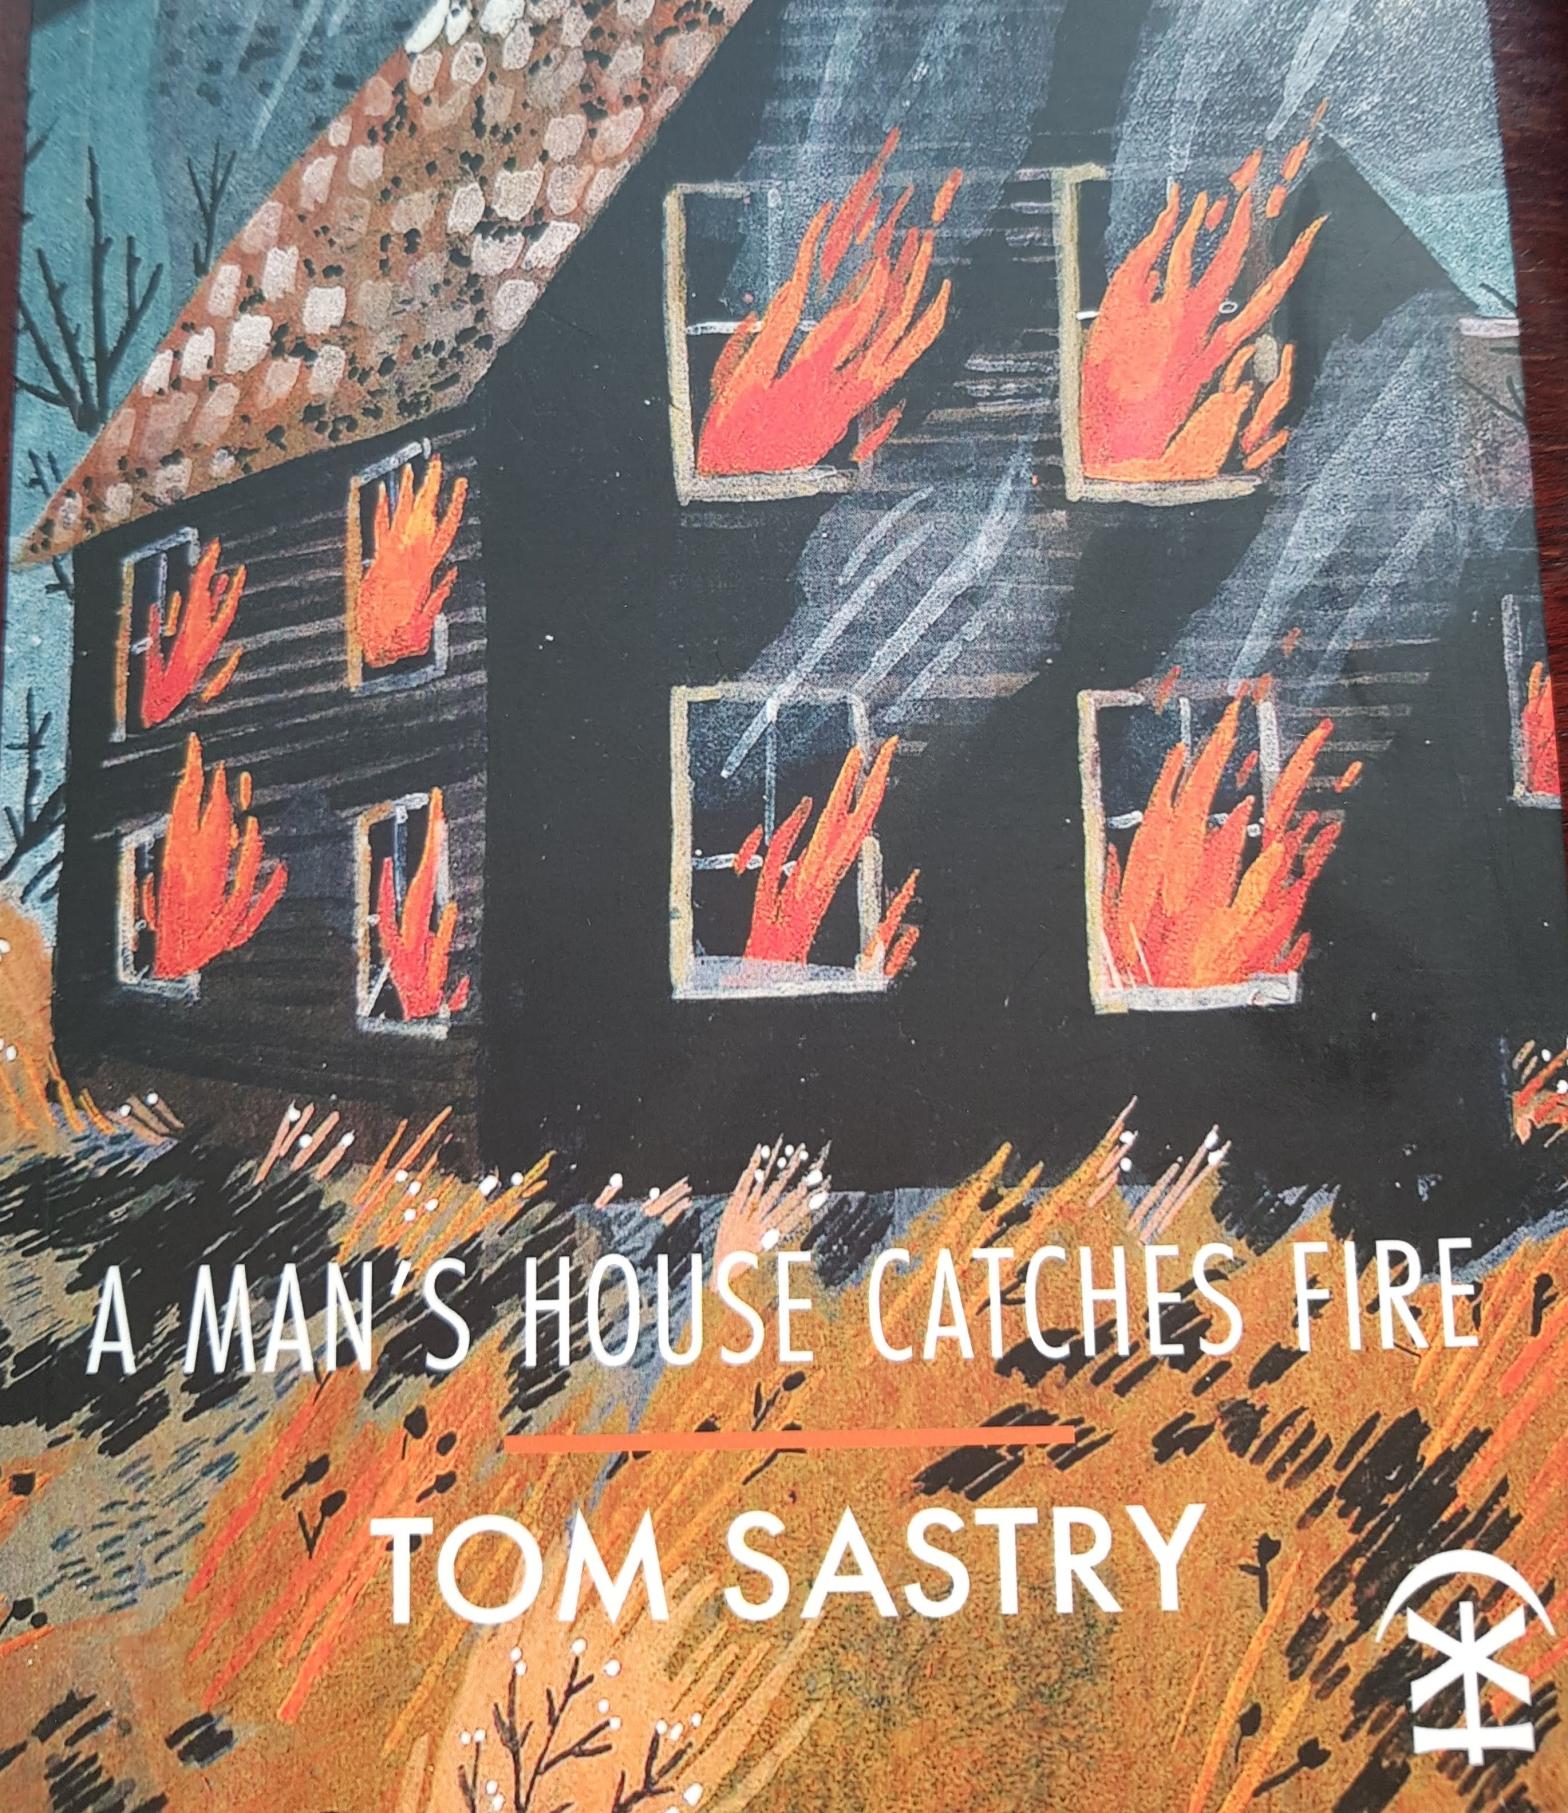 Tom Sastry